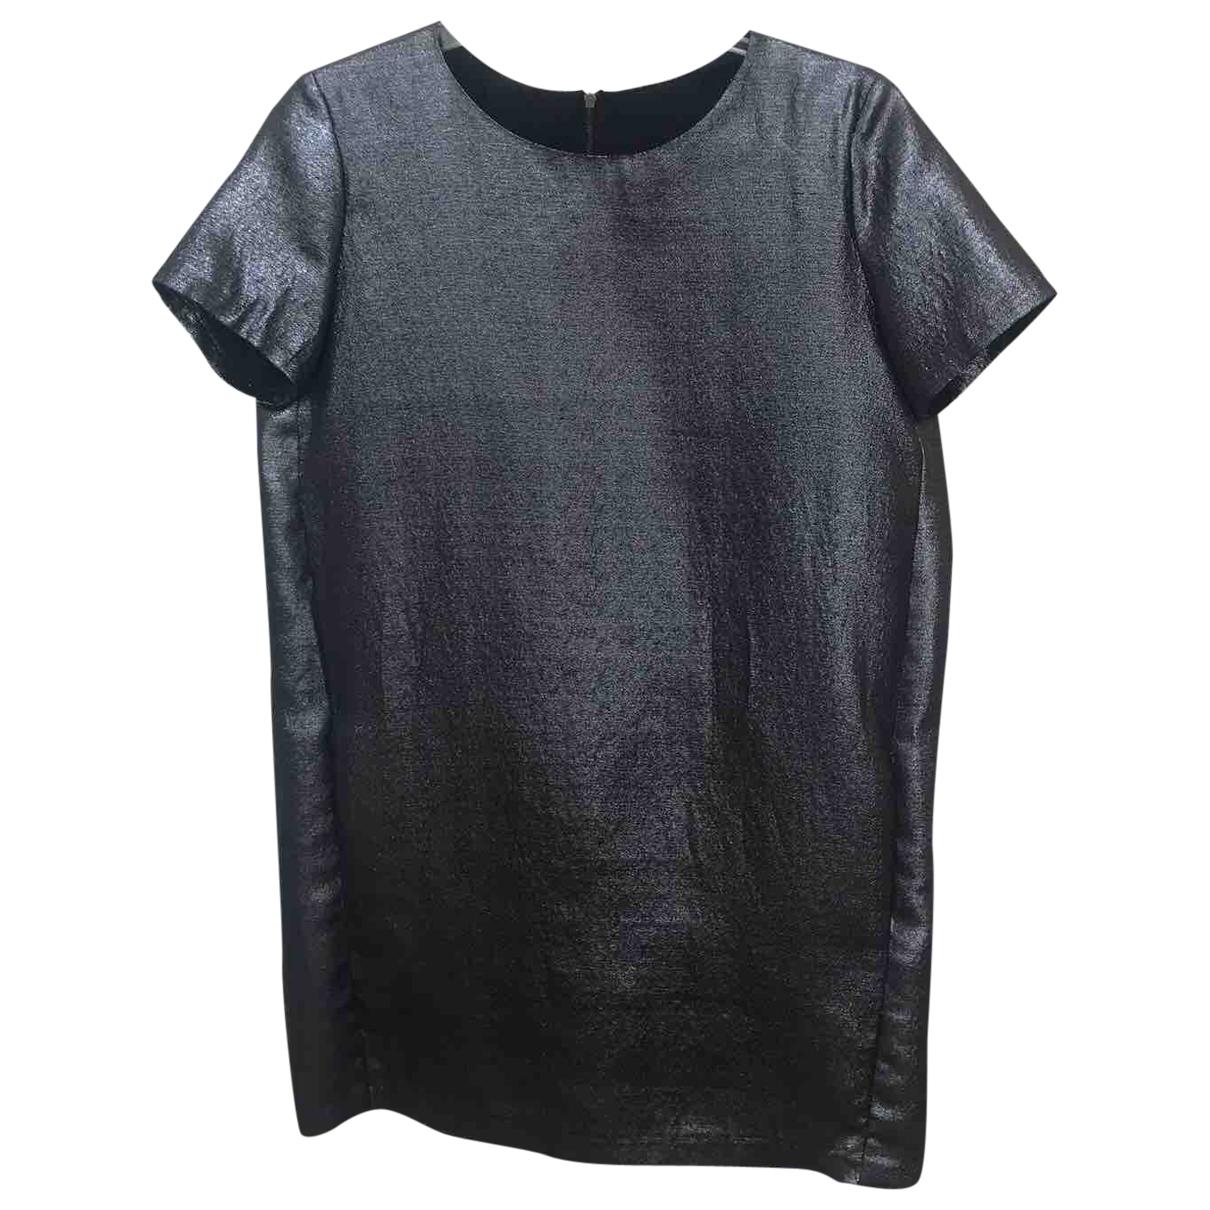 Maje \N Kleid in  Grau Polyester